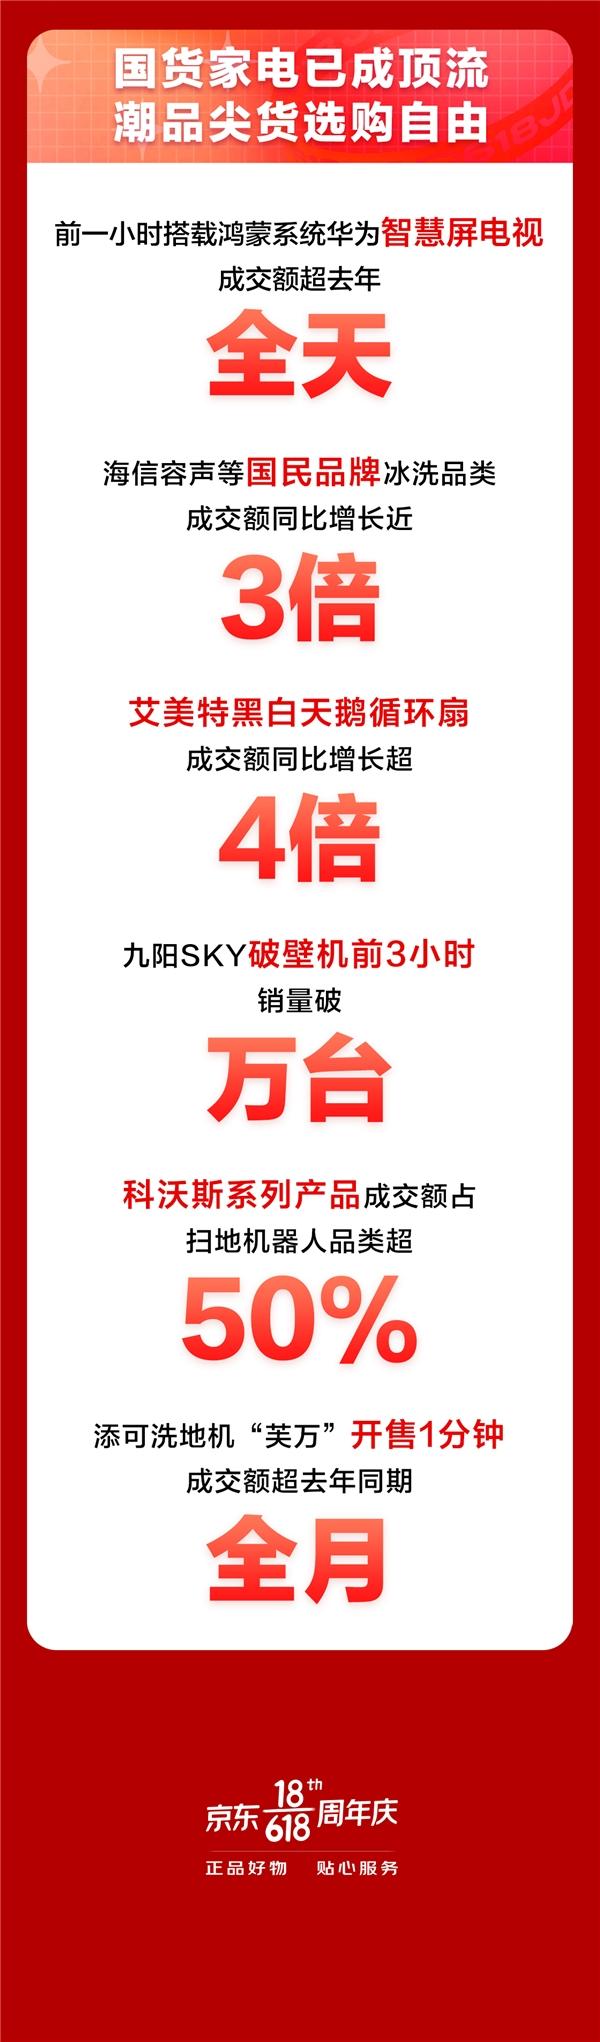 京东618进阶嬗变,家电品类日9折消费券触发年中家电消费新浪潮